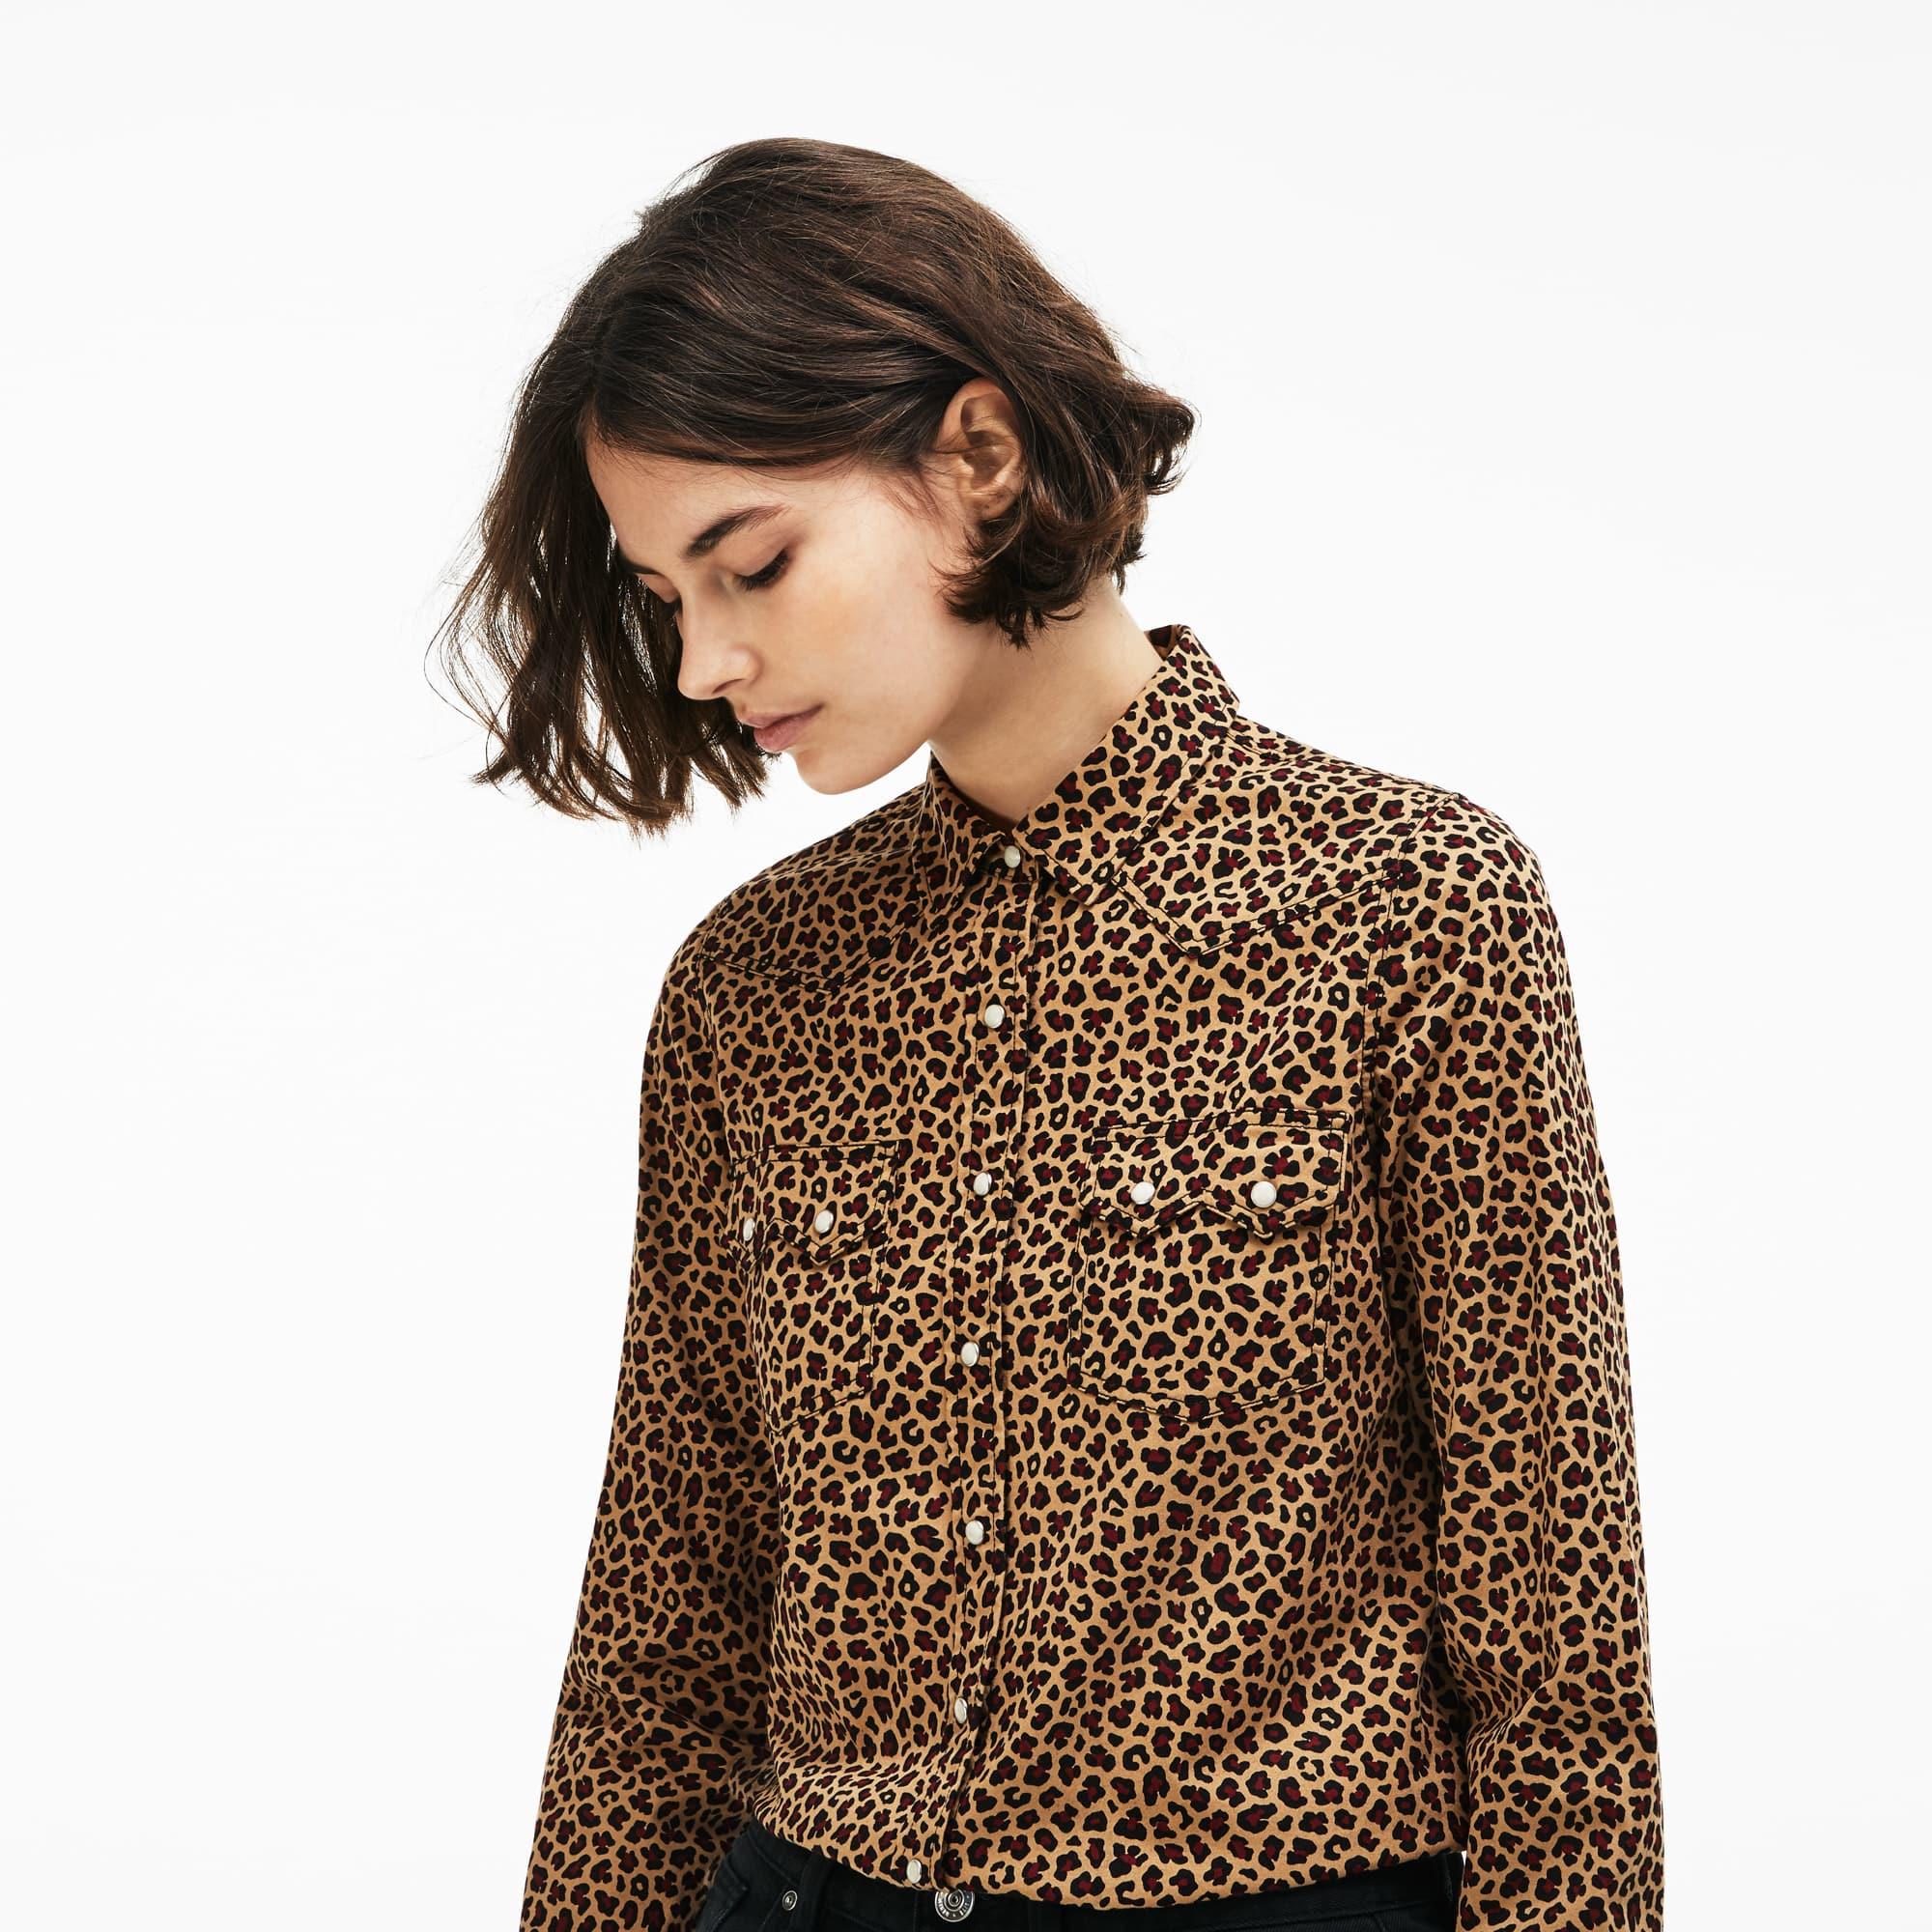 Hauts amp; Chemises Femme Vêtements Lacoste nCqYwfx6Ha